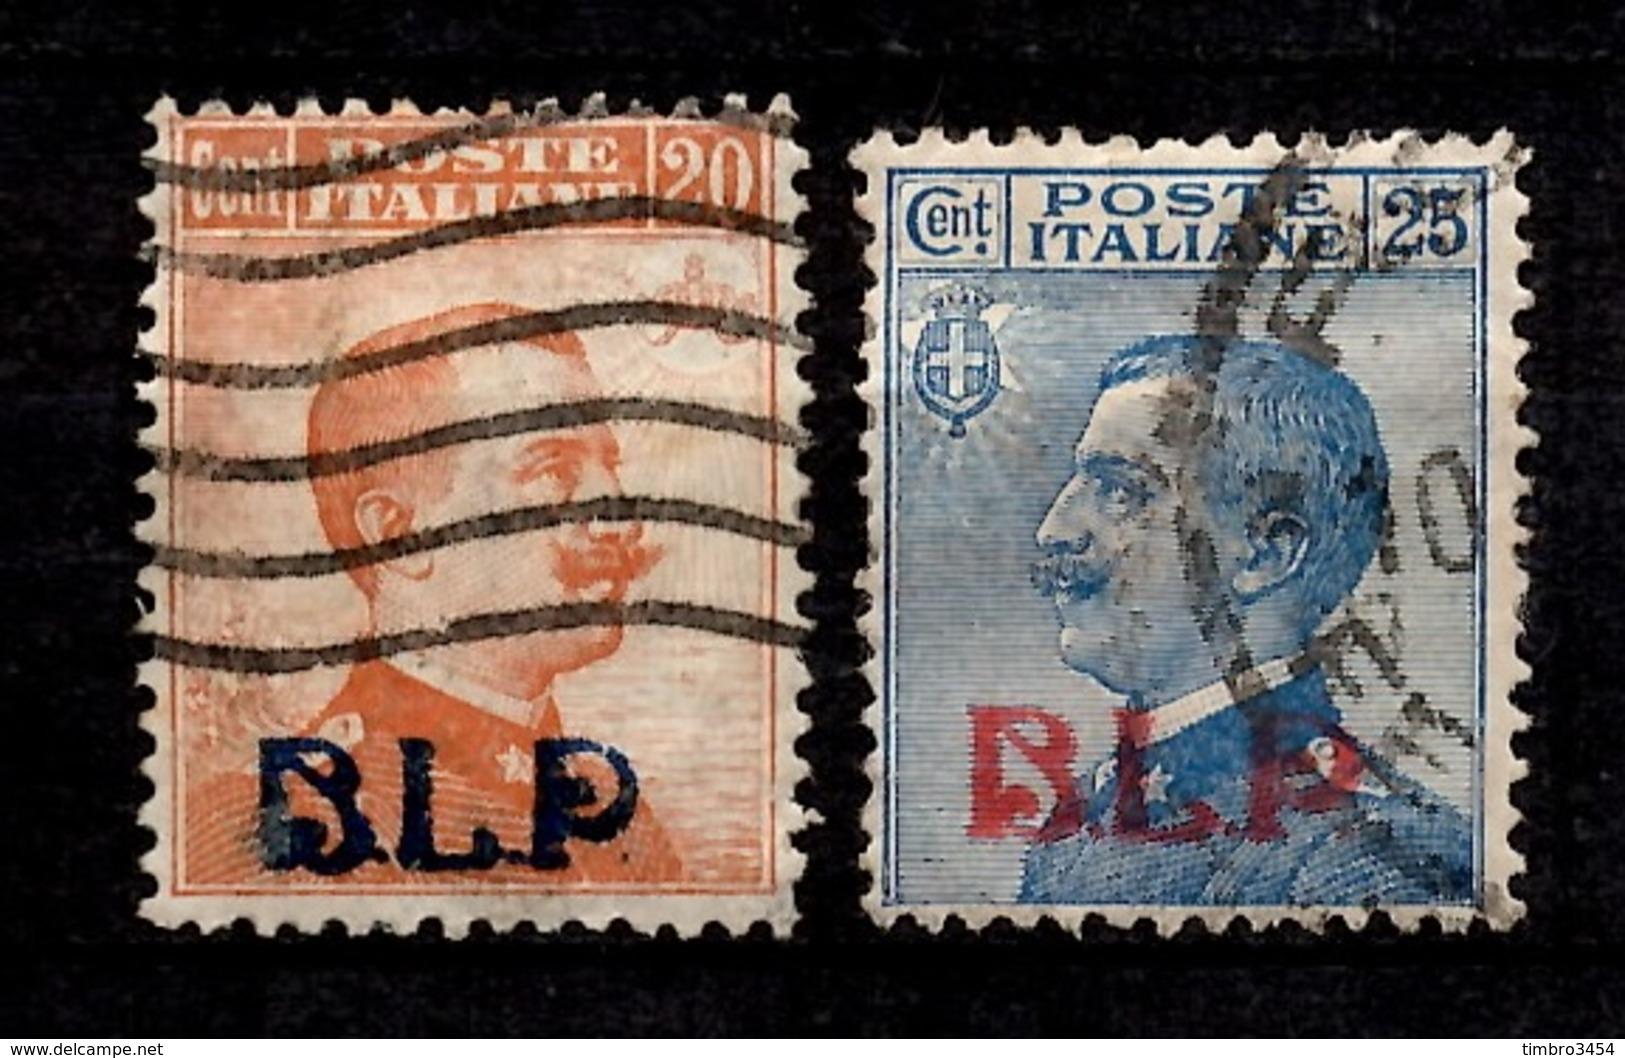 Italie Timbres Pour Enveloppes-réclames (BLP) YT N° 3 Et 4 Oblitérés. Rare! B/TB. A Saisir! - Timbres Pour Envel. Publicitaires (BLP)